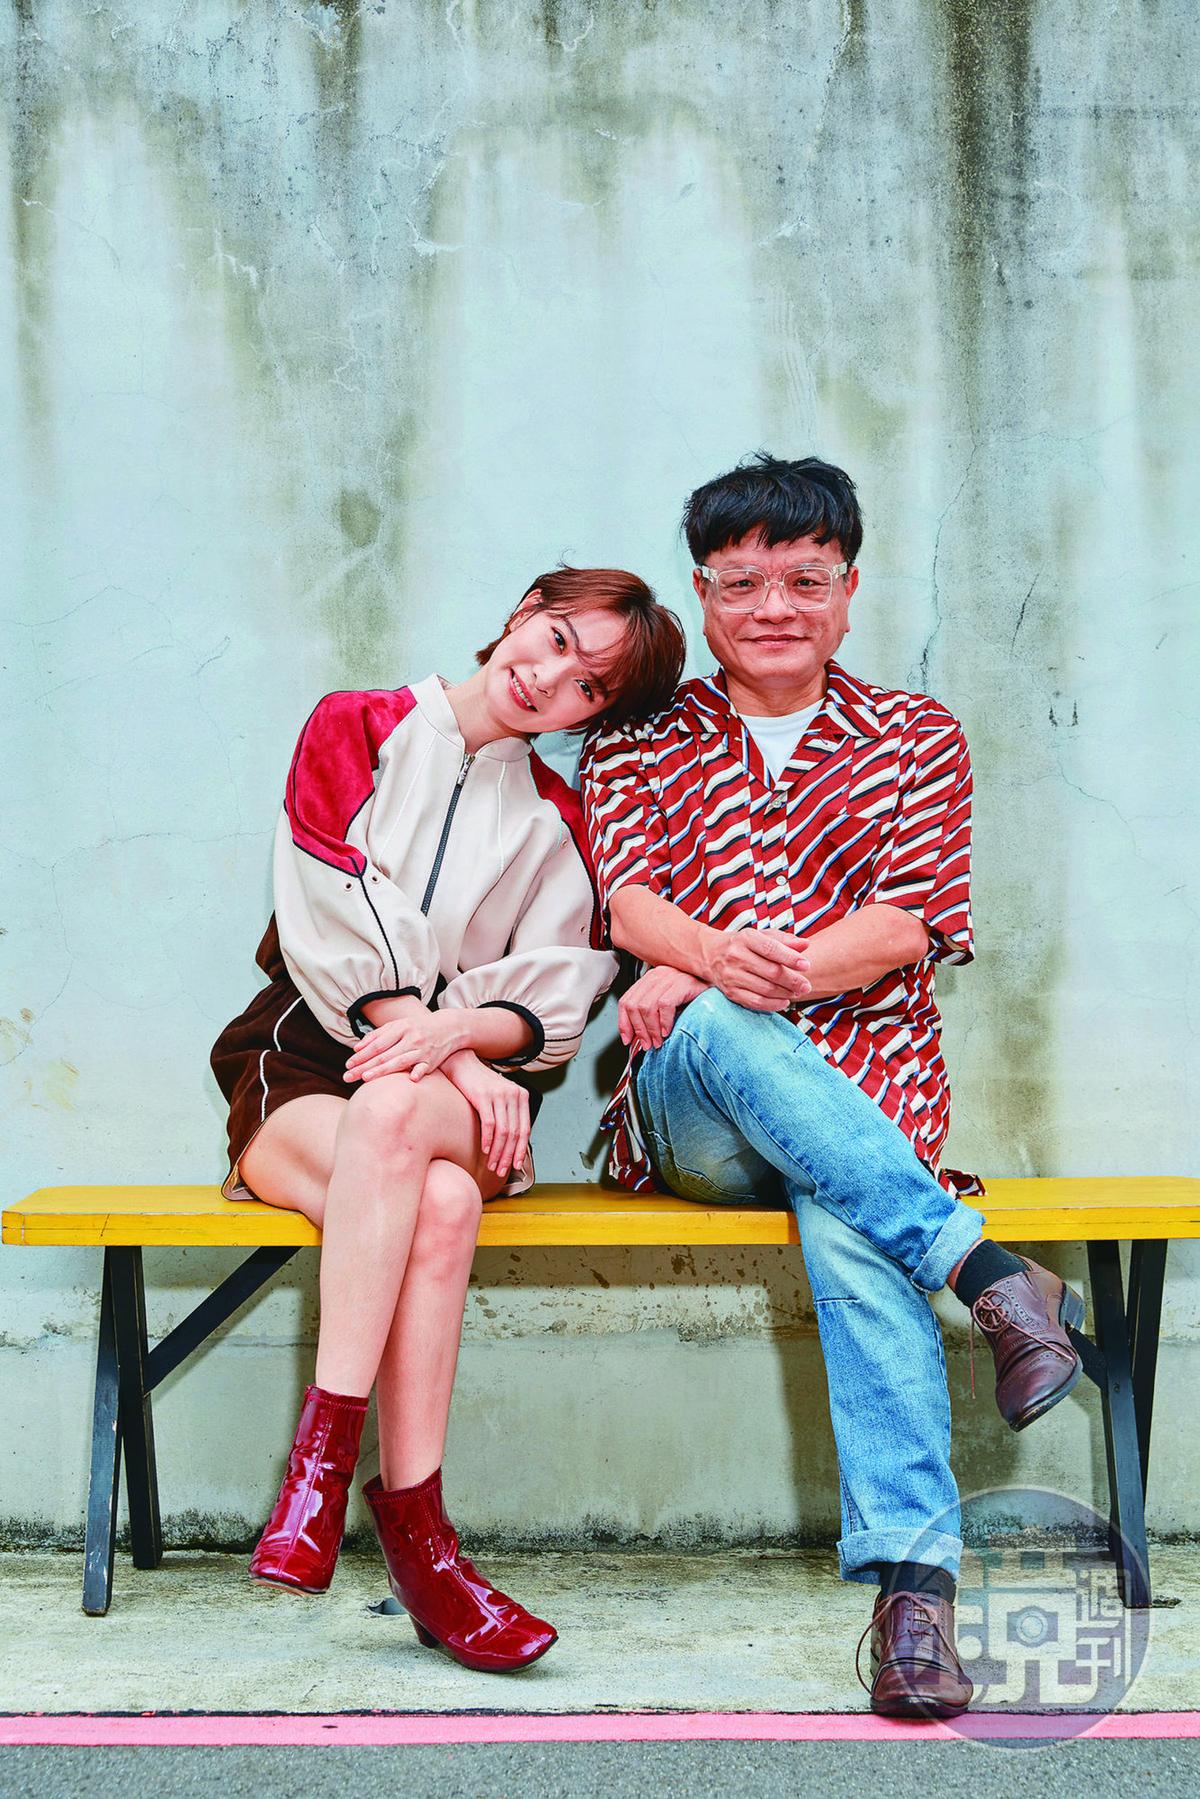 李亦捷(左)親赴酒店見習,紮實的演員功課,幫助導演施立(右)塑造更立體的角色。